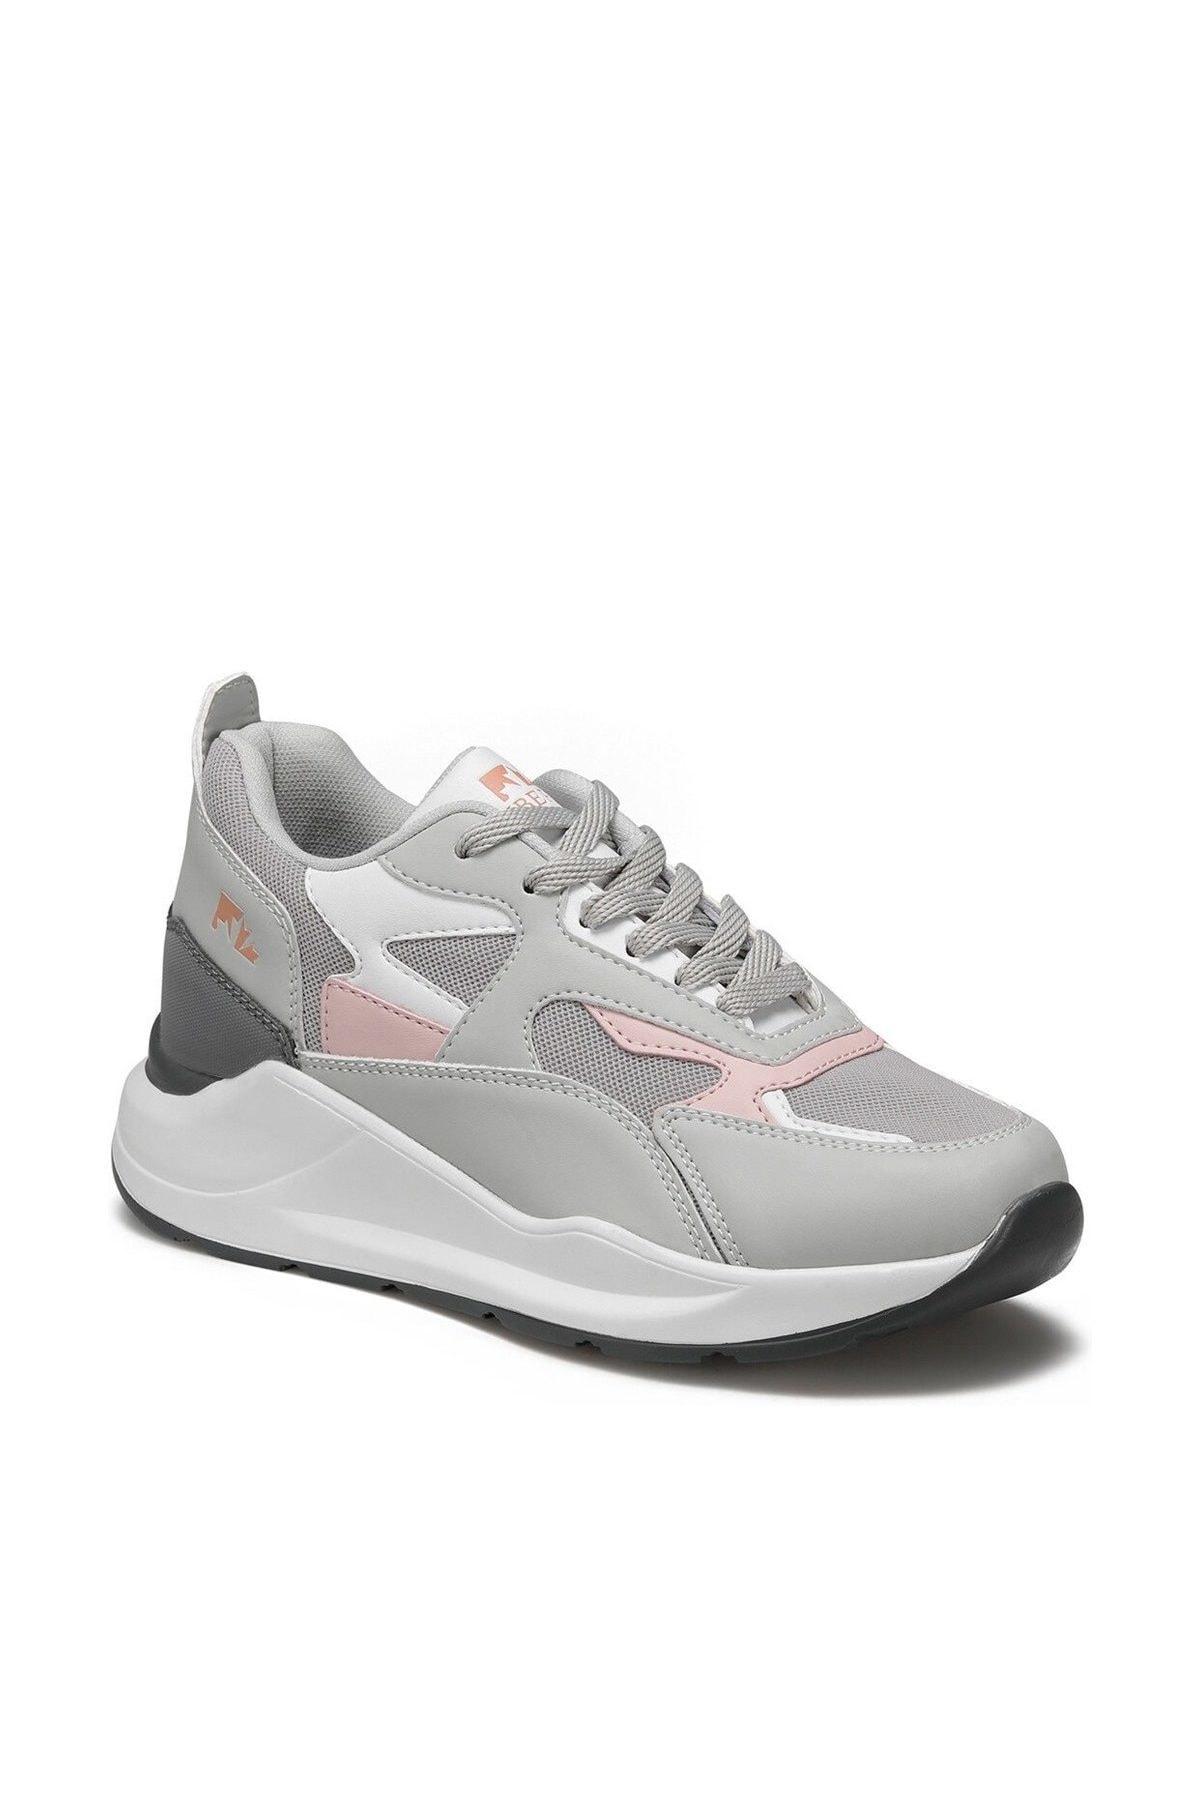 lumberjack NATALIE Gri Kadın Sneaker Ayakkabı 100501743 2